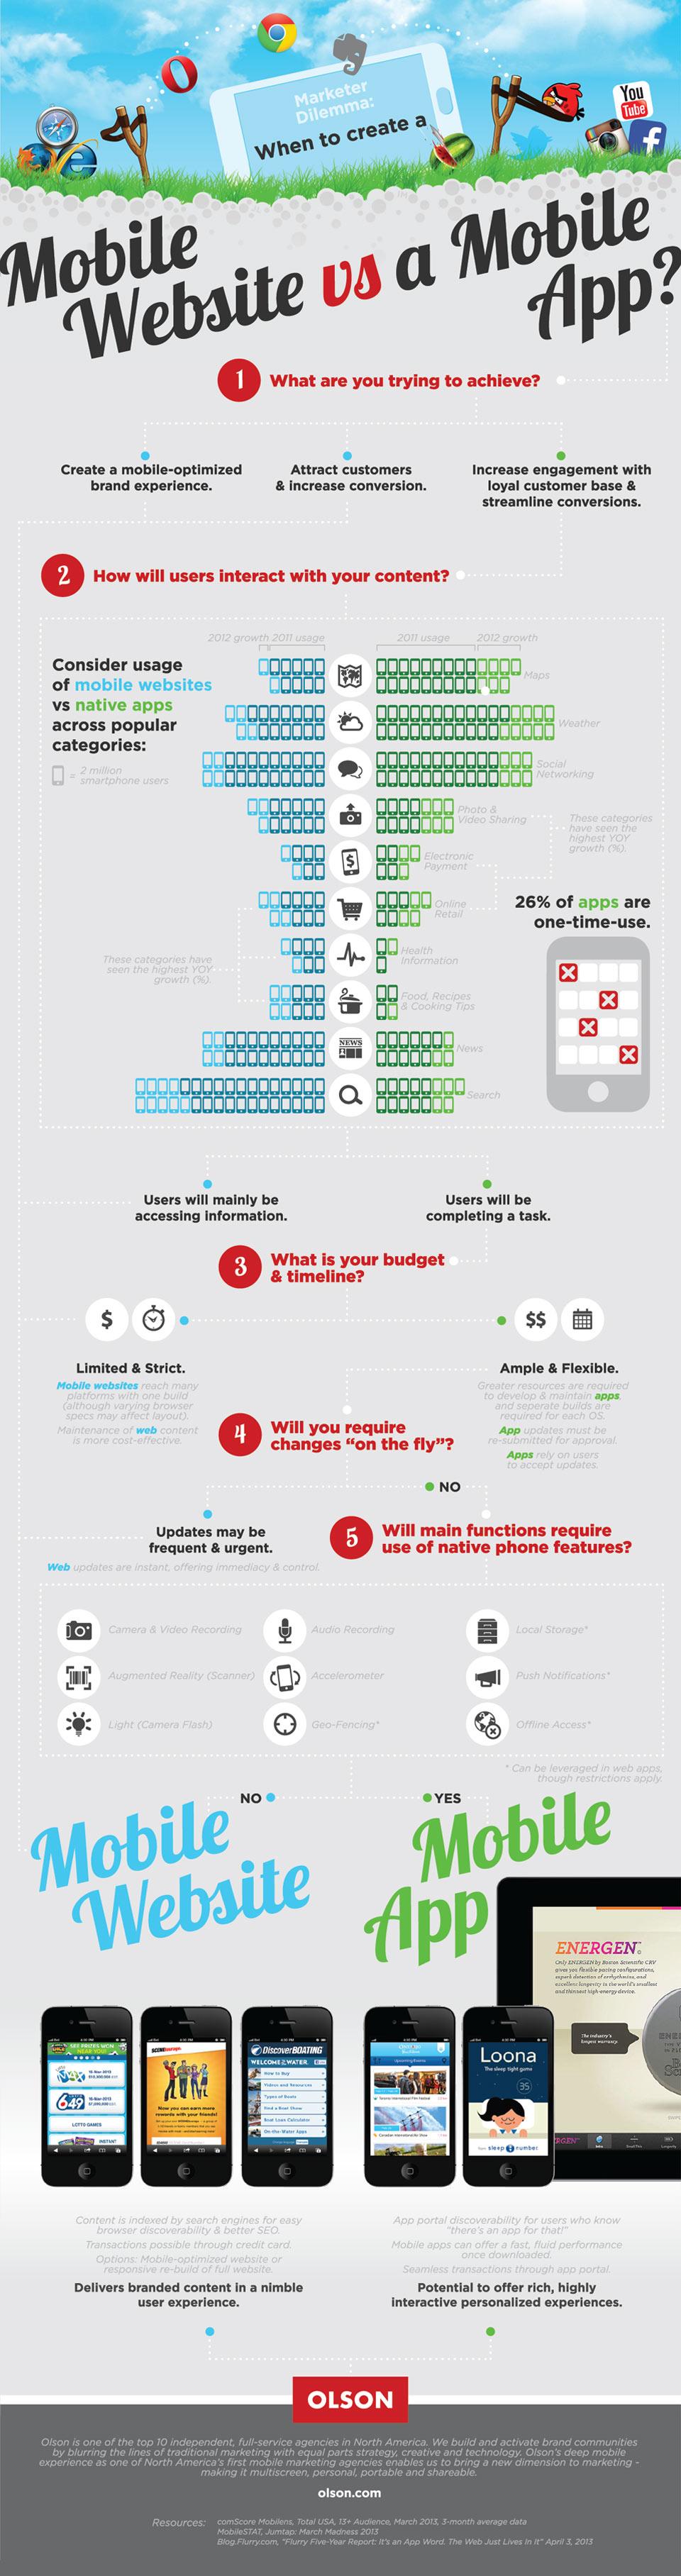 Mobile app vs mobile website what 39 s better for business for Mobel website